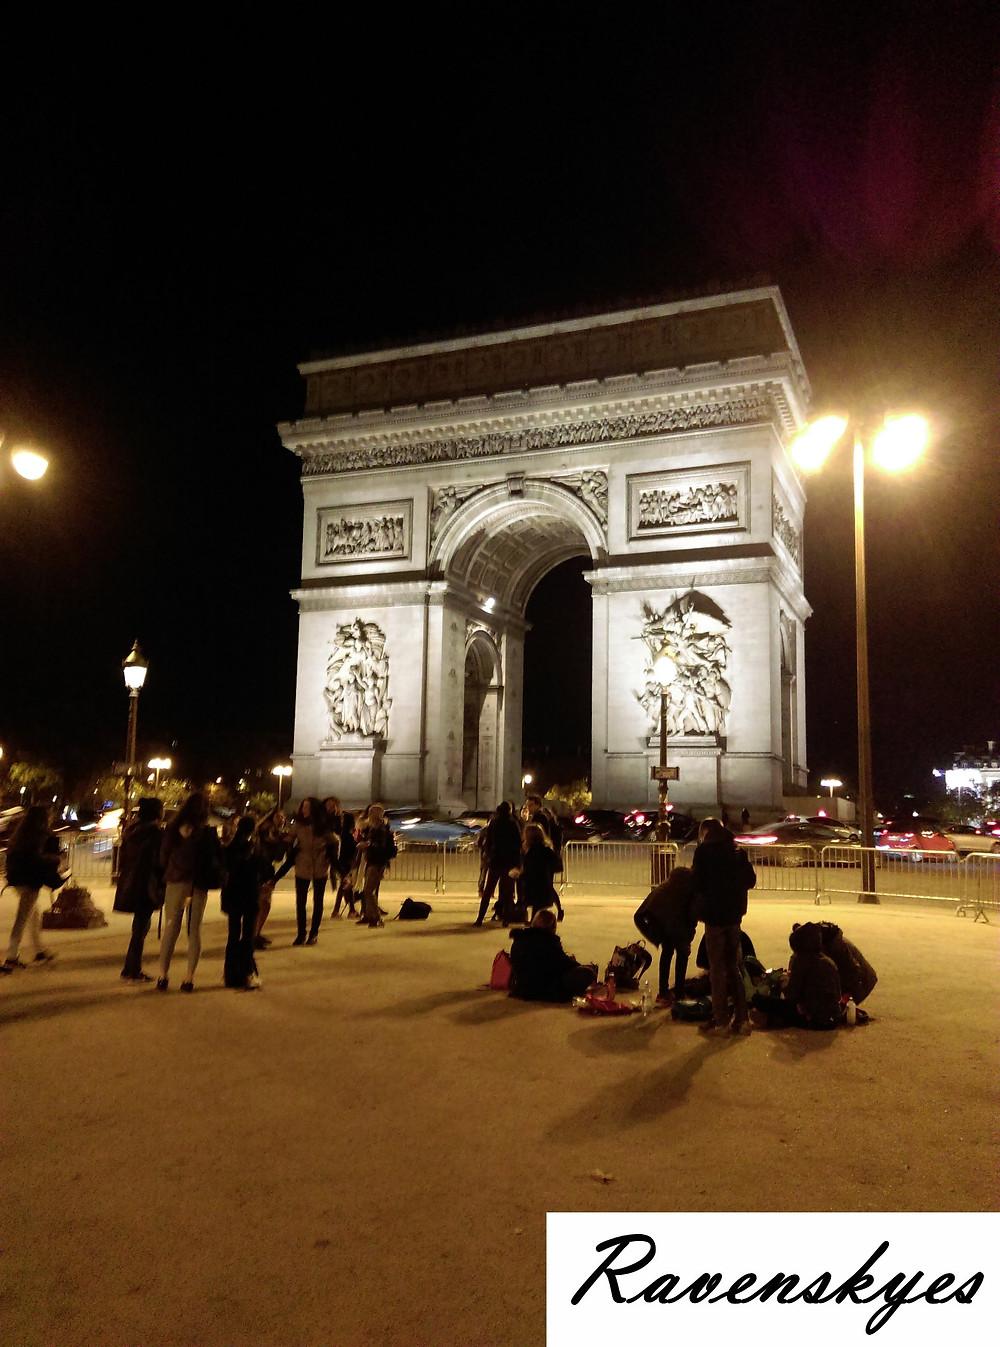 Arc de Triomphe in Paris. Large world famous monument. Ravenskyes